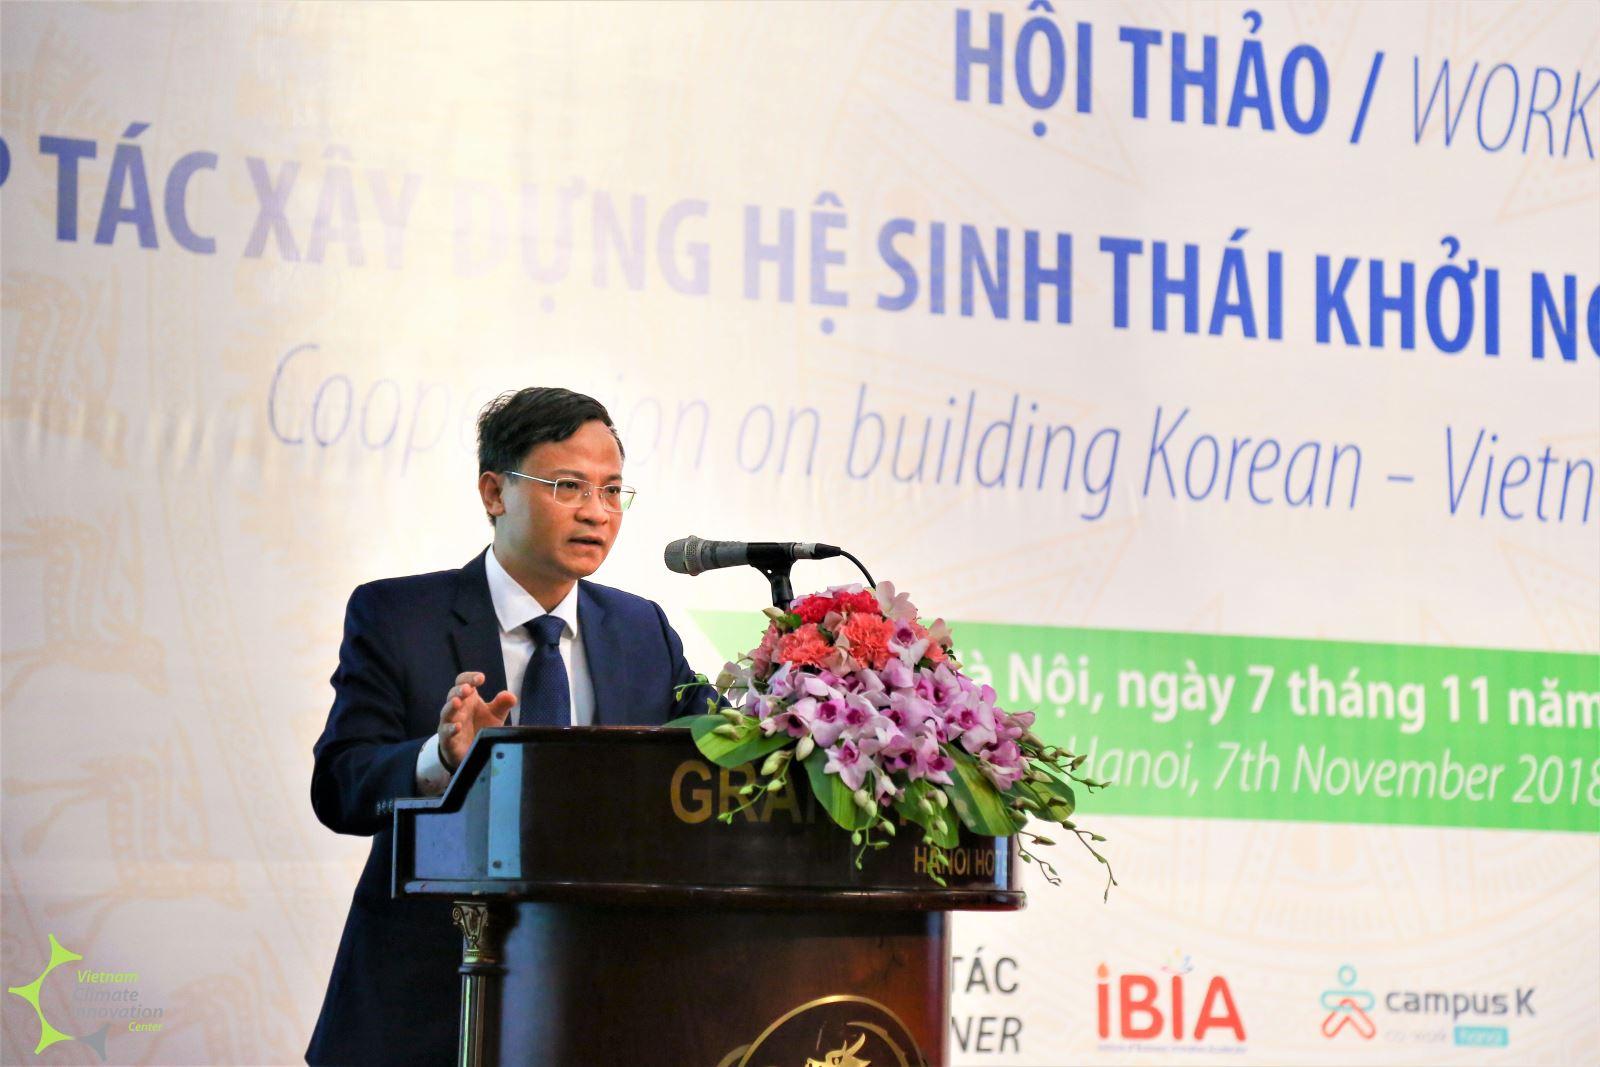 Ông Phạm Đức Nghiệm đánh giá, hệ sinh thái khởi nghiệp sáng tạo của Việt Nam đã cơ bản hình thành